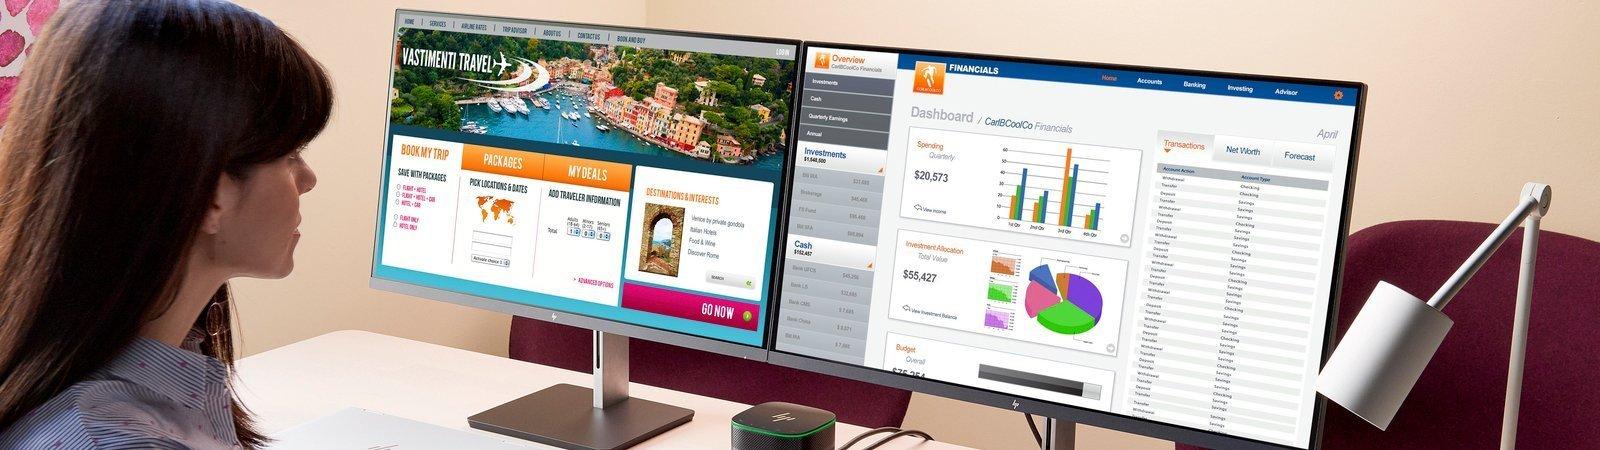 HP Monitor Display